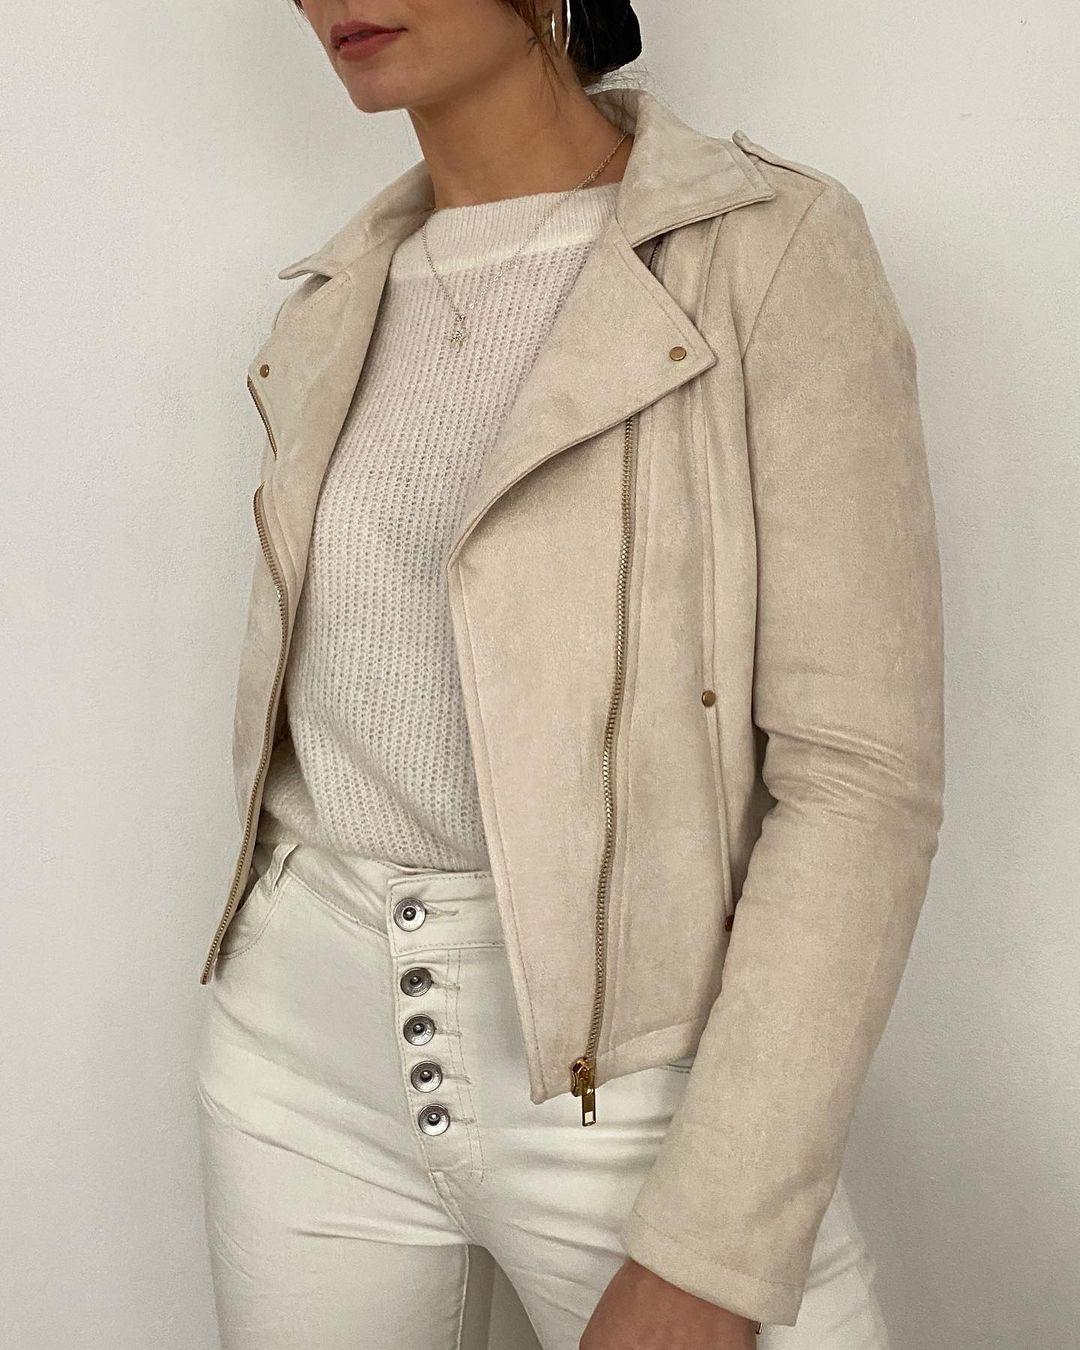 khaki perfecto jacket de Les Bourgeoises sur lesbourgeoisesofficiel